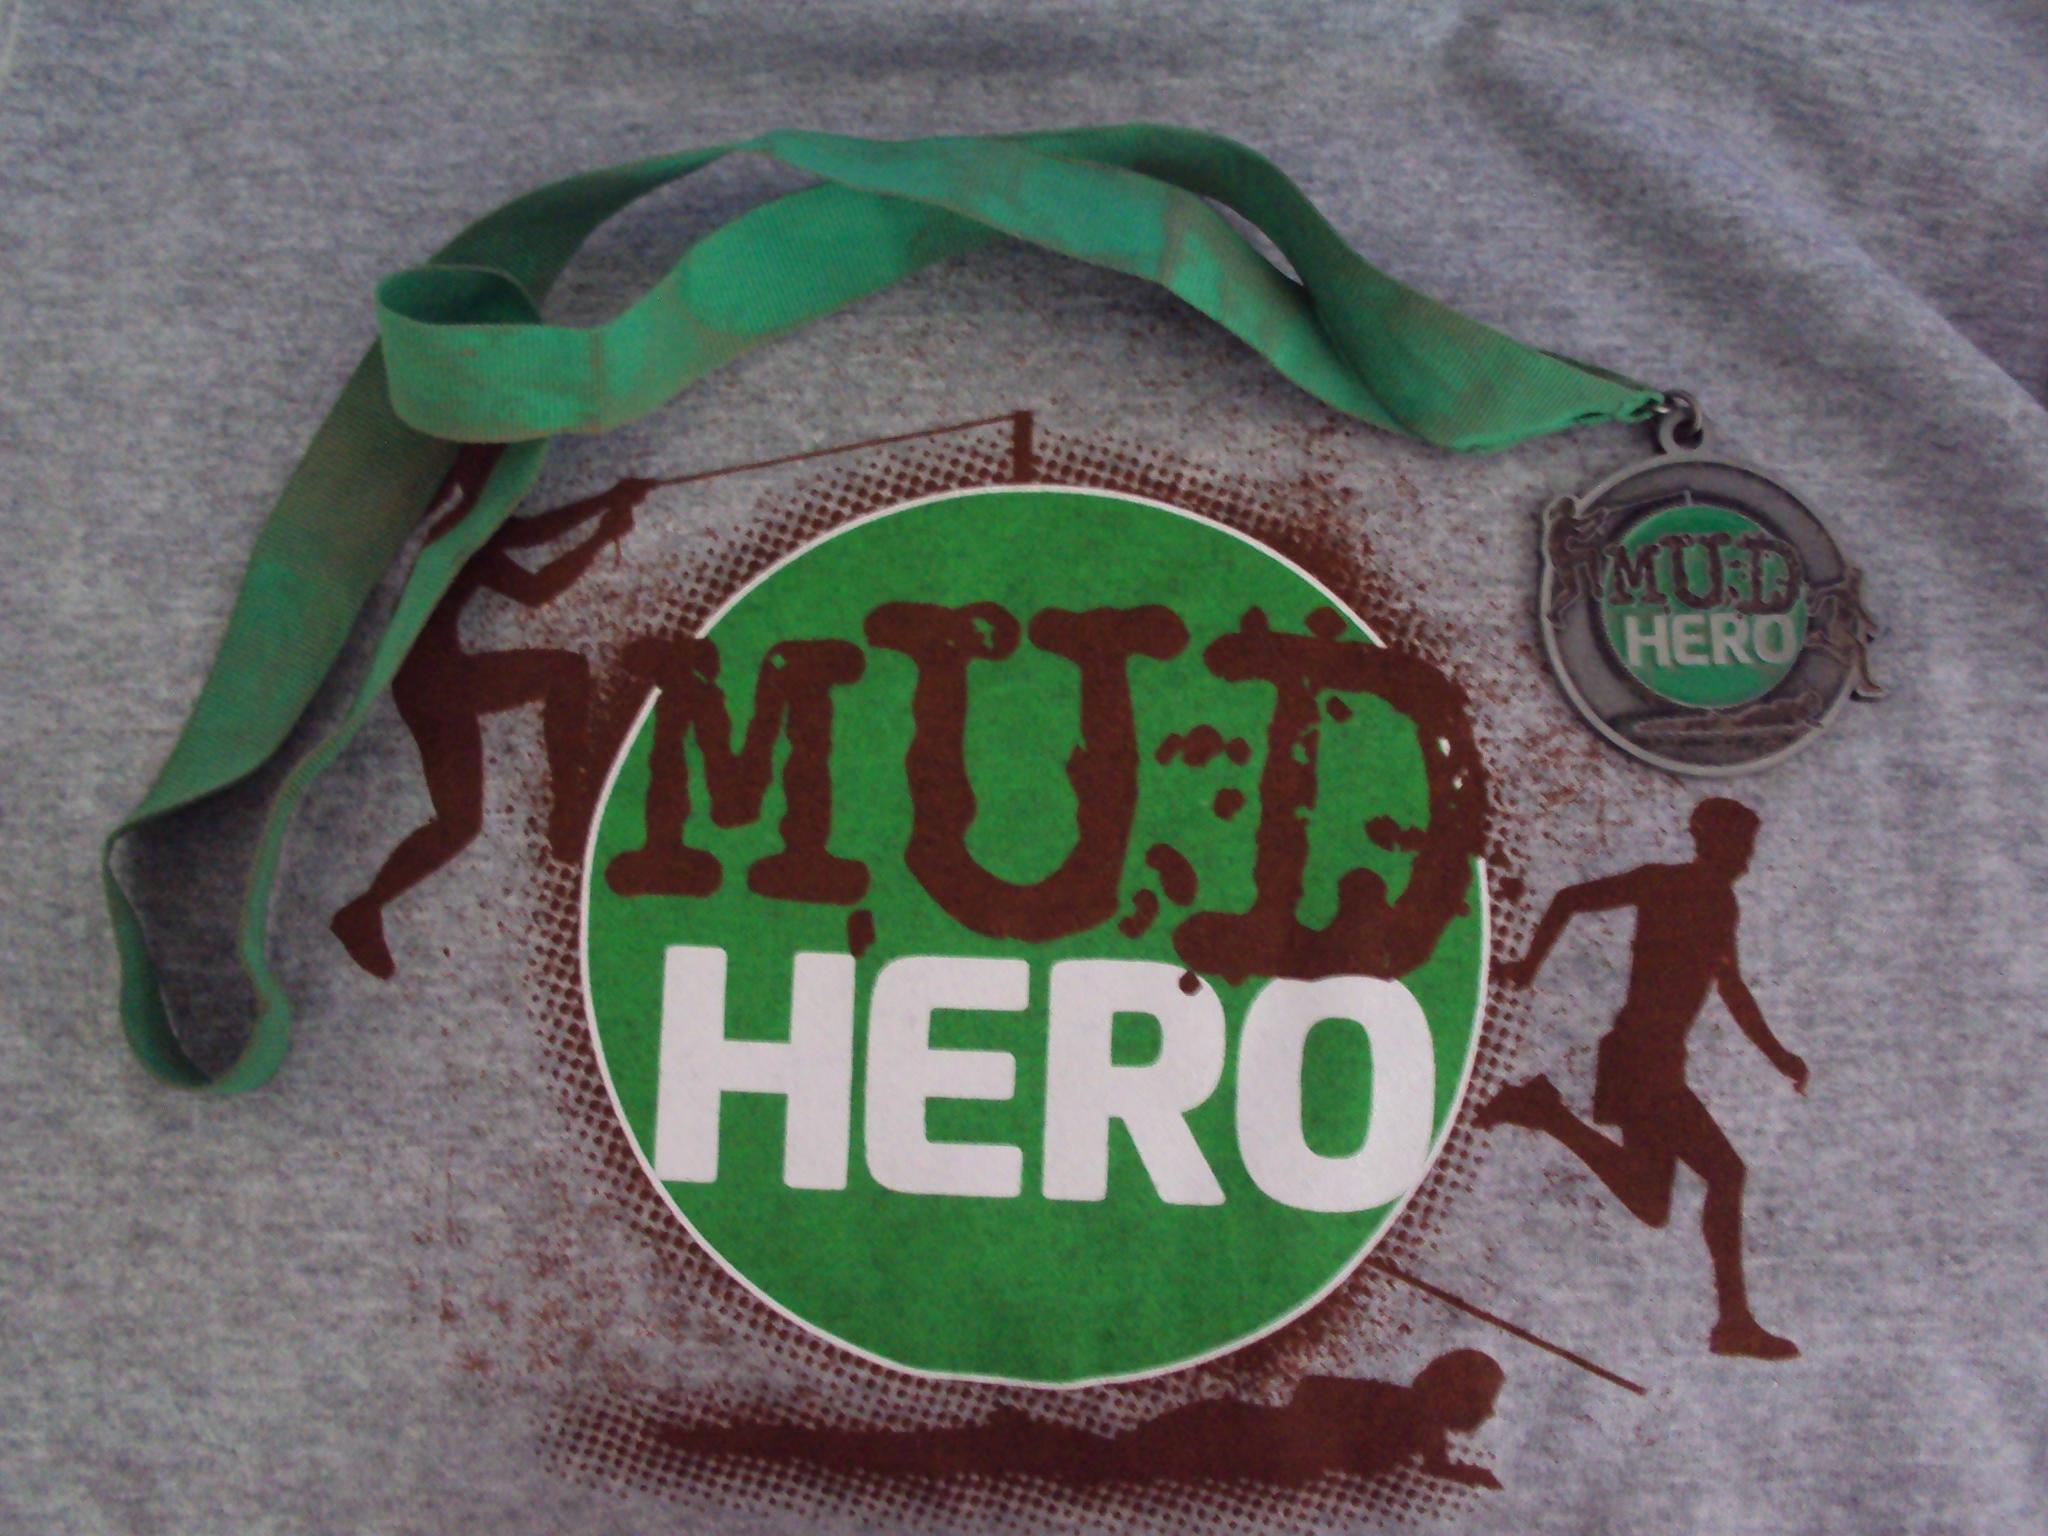 Mud Hero 6K Race Recap! | Piper's Run